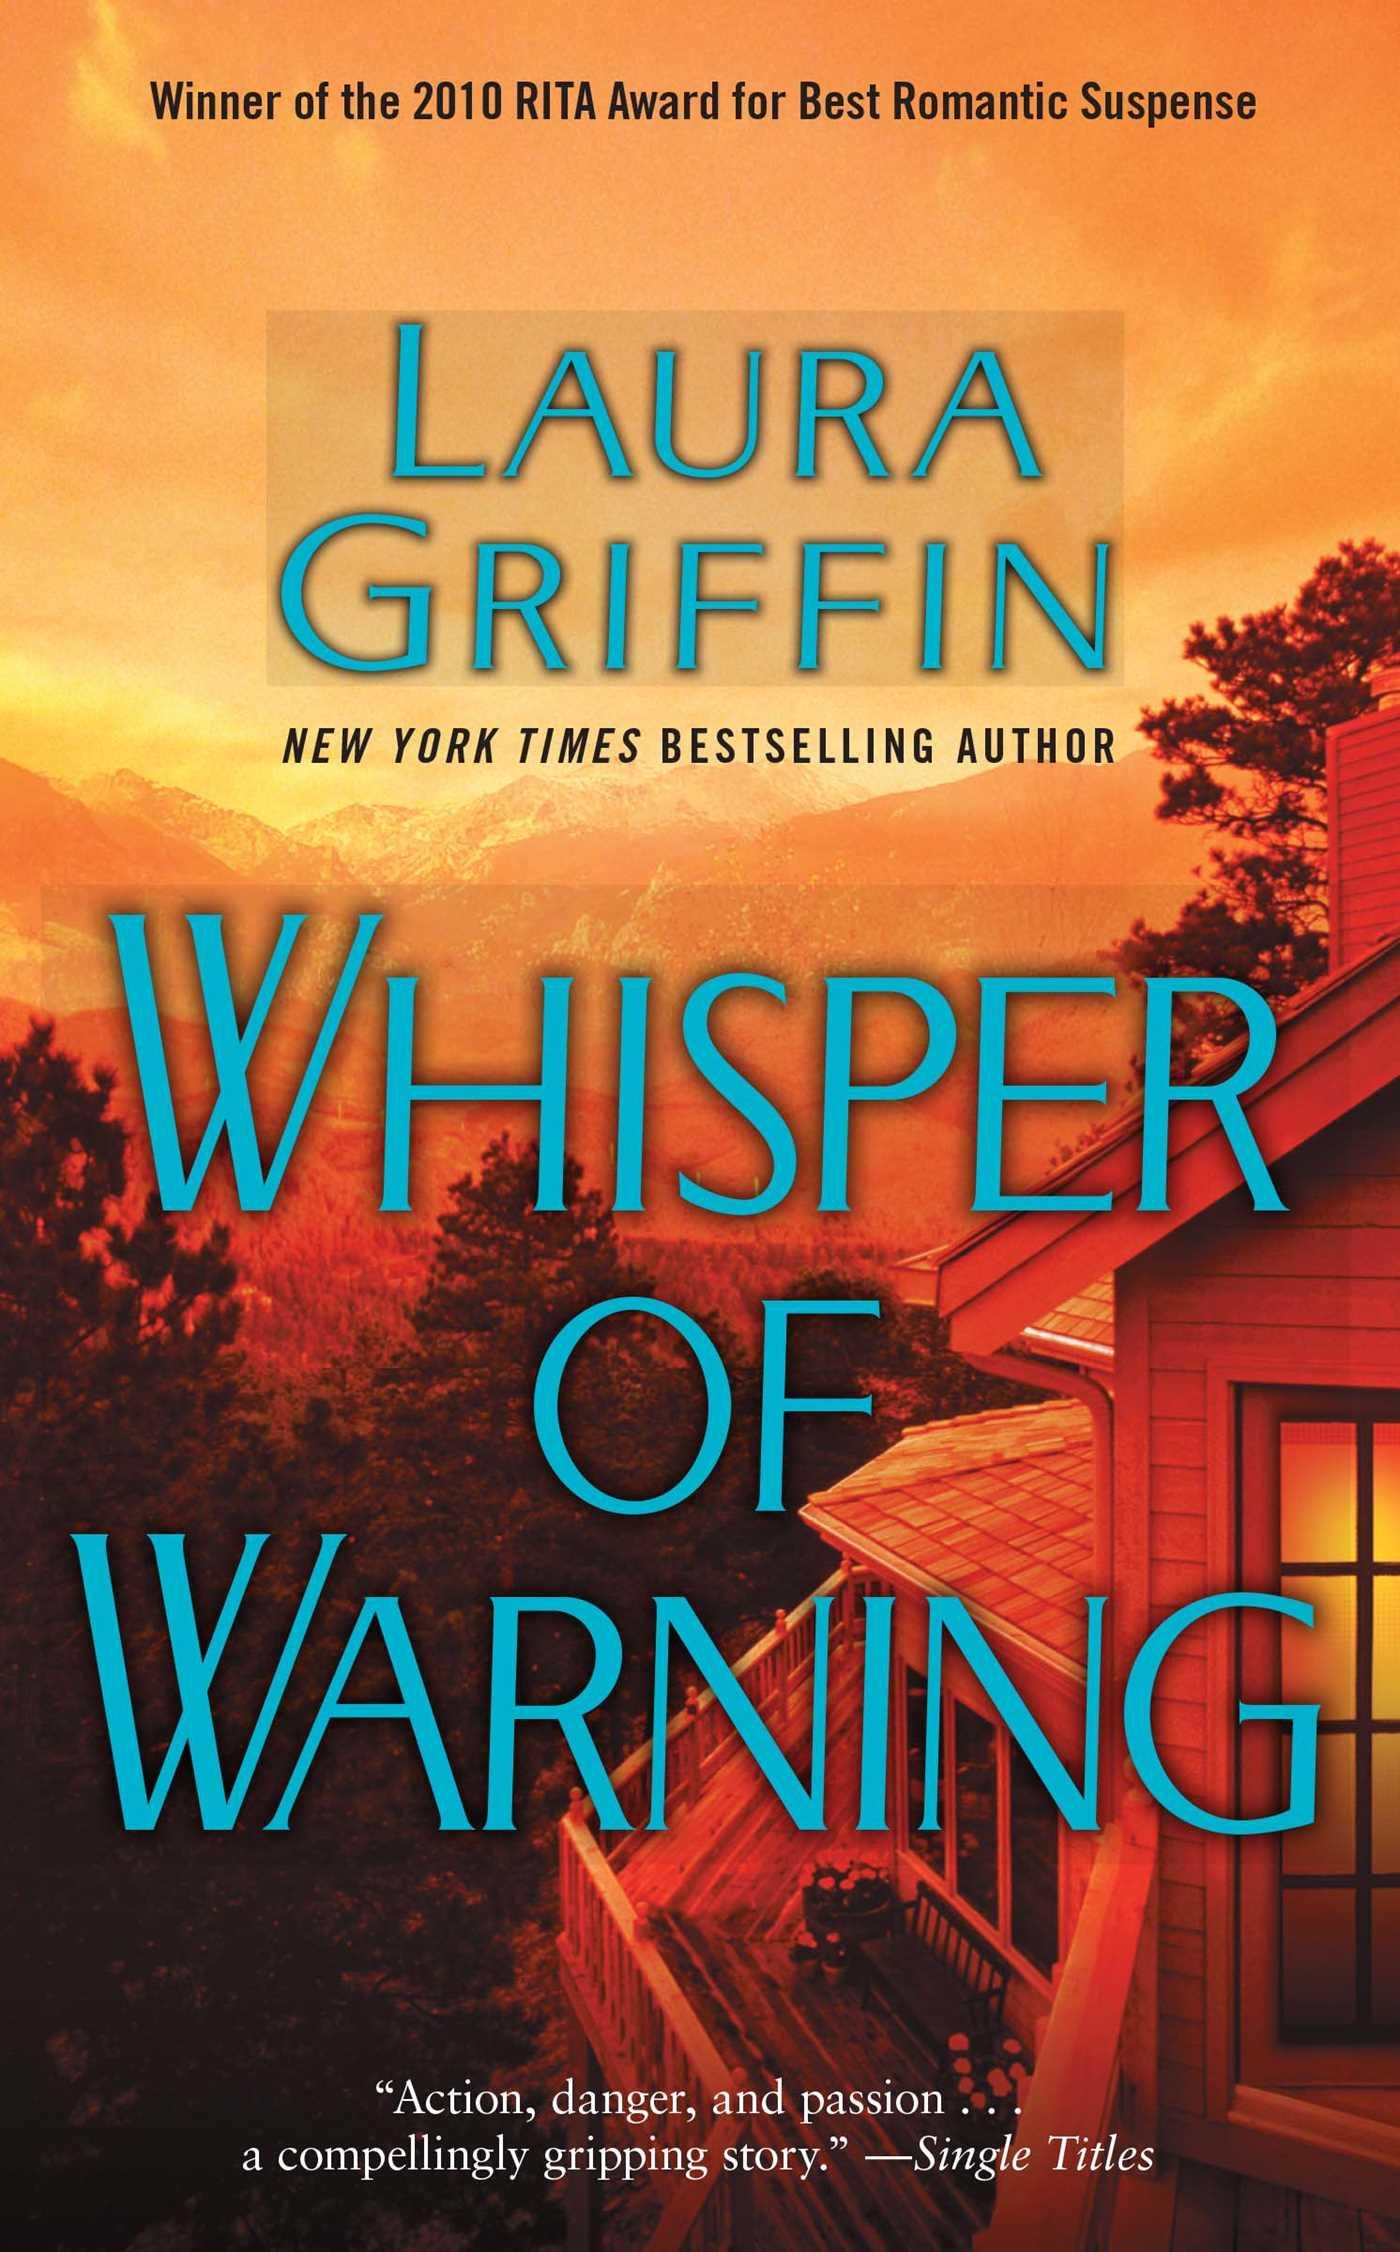 Whisper of warning 9781501142826 hr